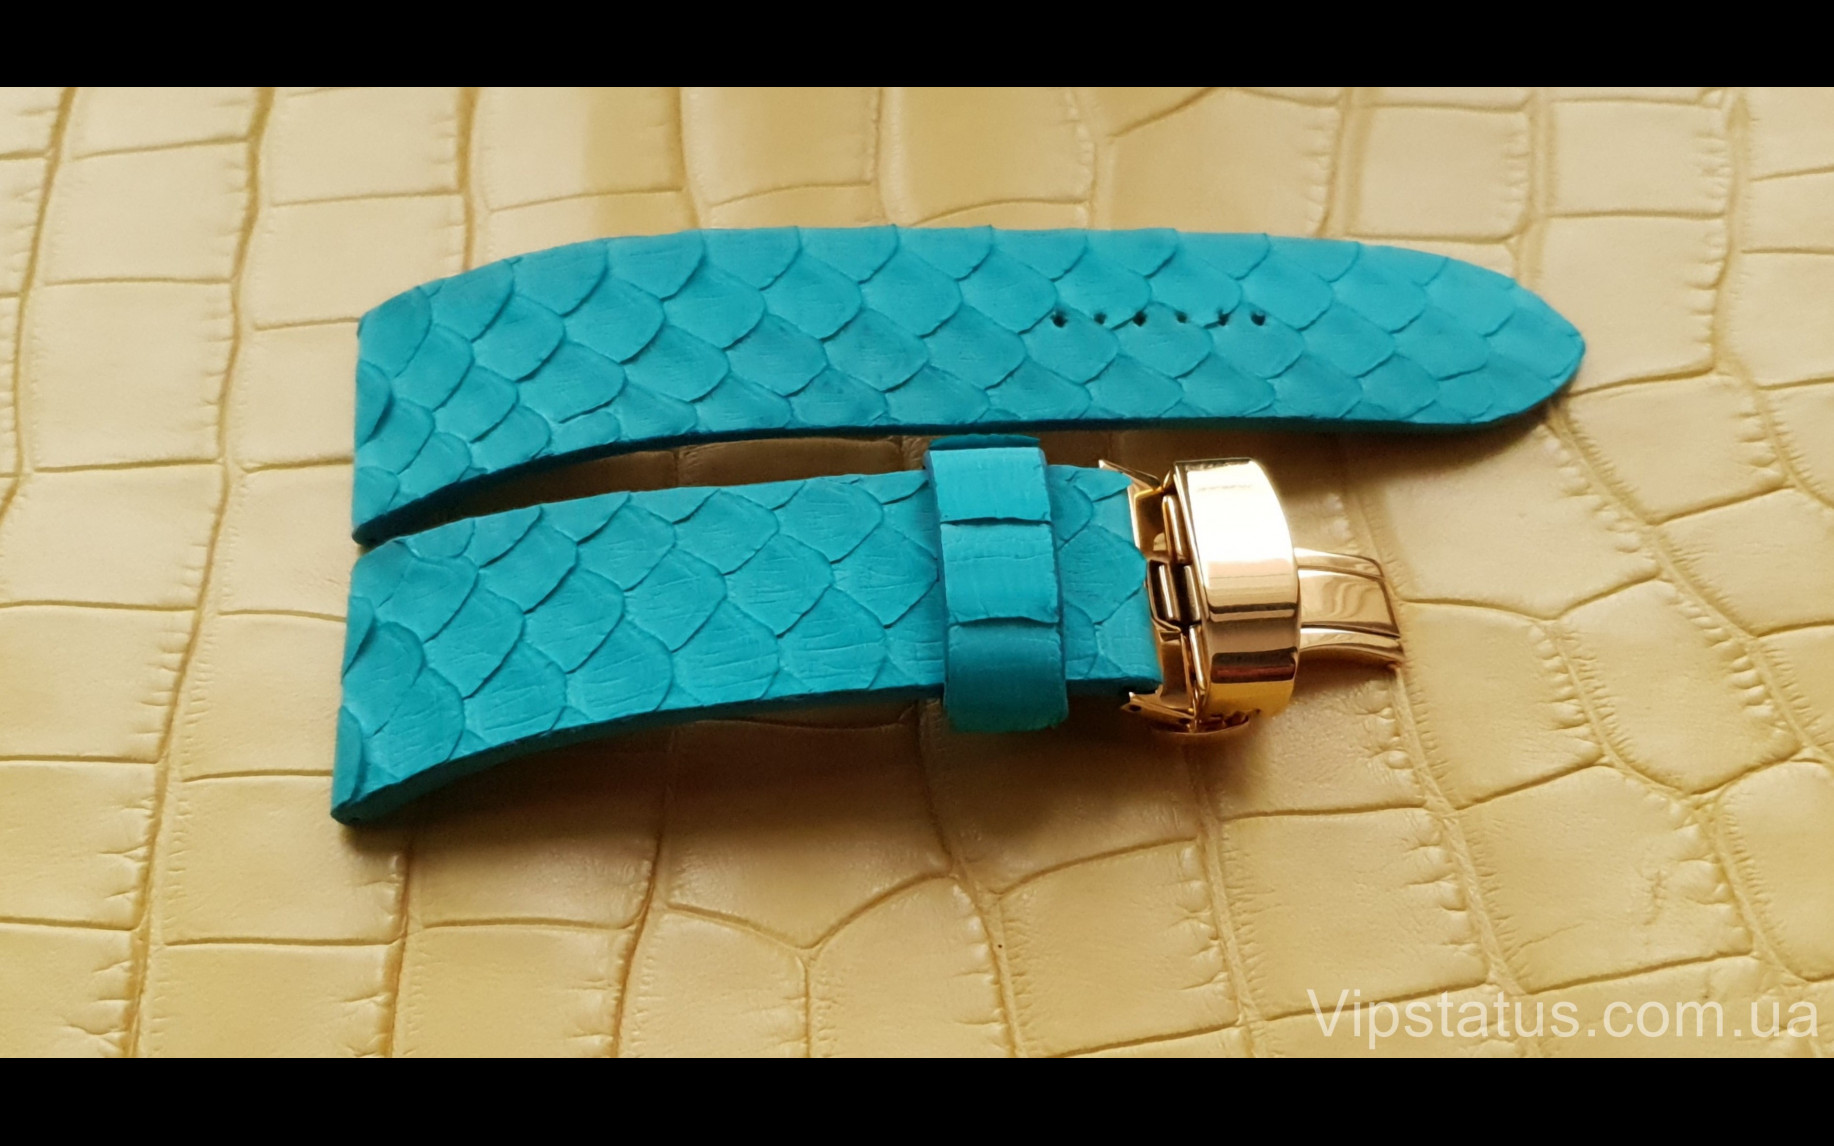 Элитный Люксовый ремешок для часов Tiffany кожа питона Люксовый ремешок для часов Tiffany кожа питона изображение 3